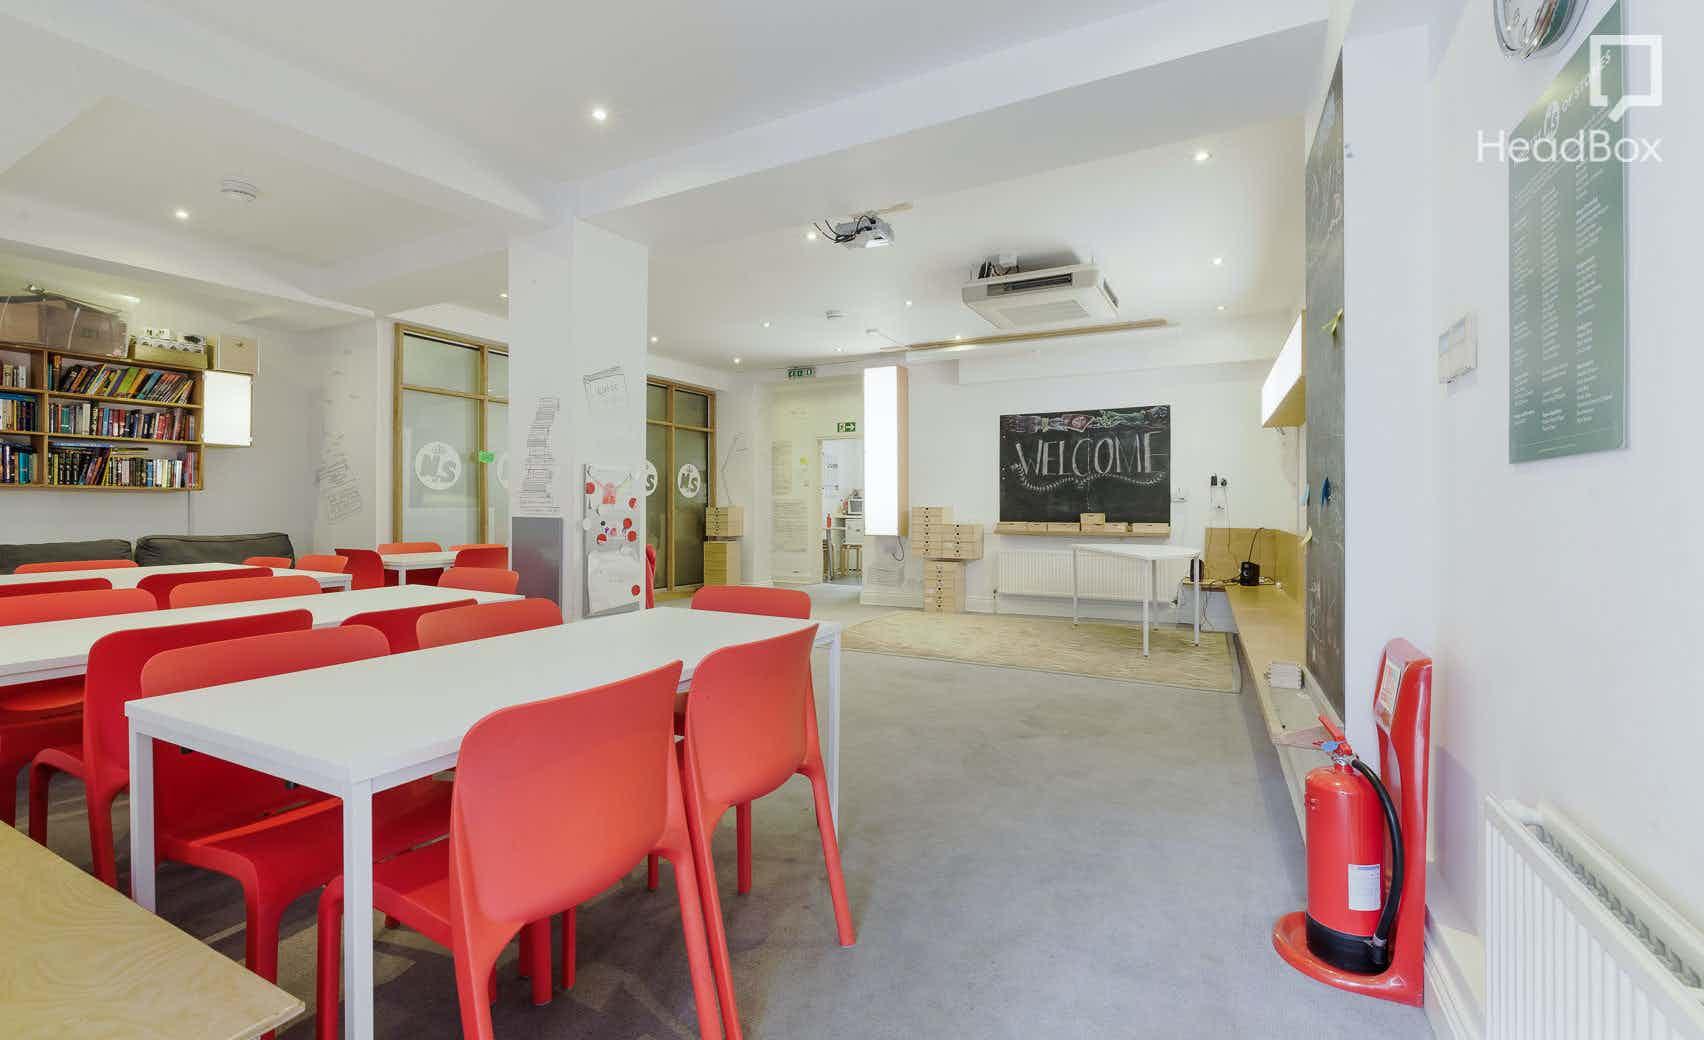 Workshop & Meeting Room, Ministry of Stories